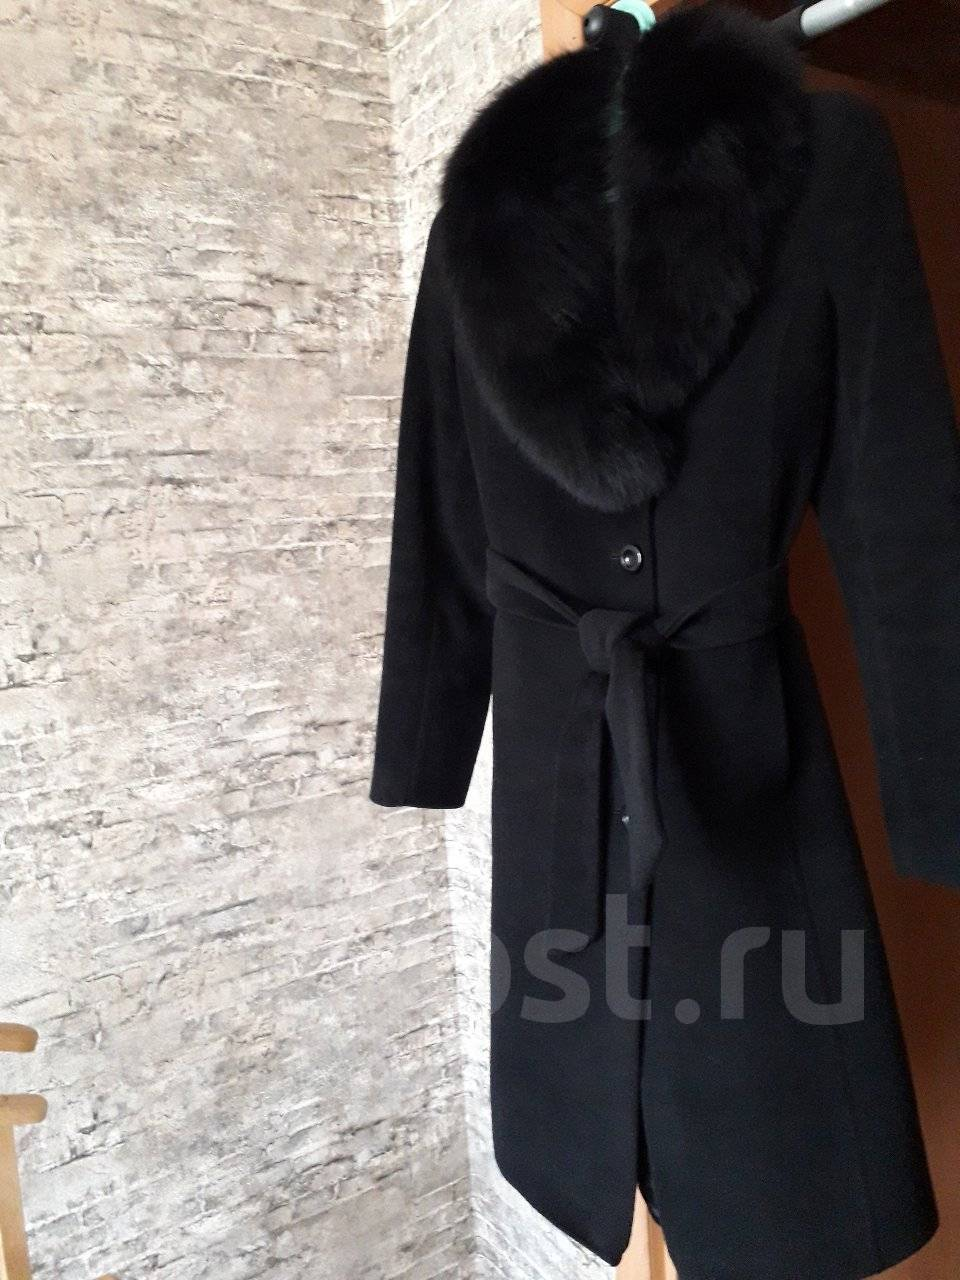 0187109b3fe Пальто женские купить в Уссурийске. Весна осень 2018 2019. Фото! Цены.